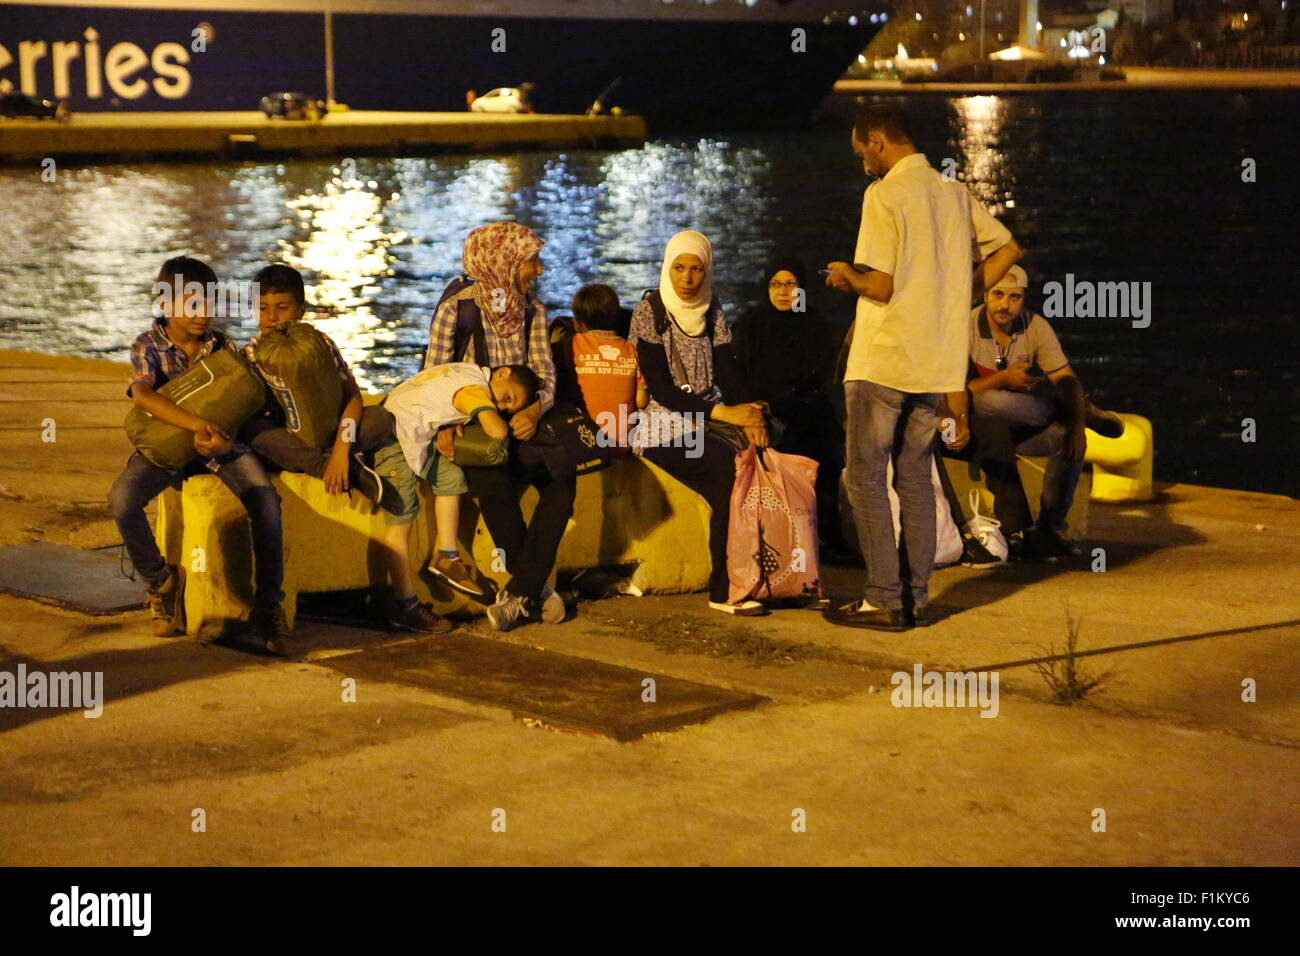 Atene, Grecia. Il 3 settembre 2015. I rifugiati a sedersi su alcune pietre sulle banchine del porto del Pireo, in attesa che il bus li portano alla stazione ferroviaria. Migliaia di rifugiati sono arrivati nel porto del Pireo a bordo il governo chartered Tera Jet traghetto dall'isola greca di Lesbo. Centinaia e centinaia di rifugiati, per la maggior parte dalla Siria e Afghanistan arrivare sulle isole greche ogni settimana, aggiungendo alla già numero di migliaia di profughi già sulle isole greche. Credito: Michael Debets/Alamy Live News Foto Stock